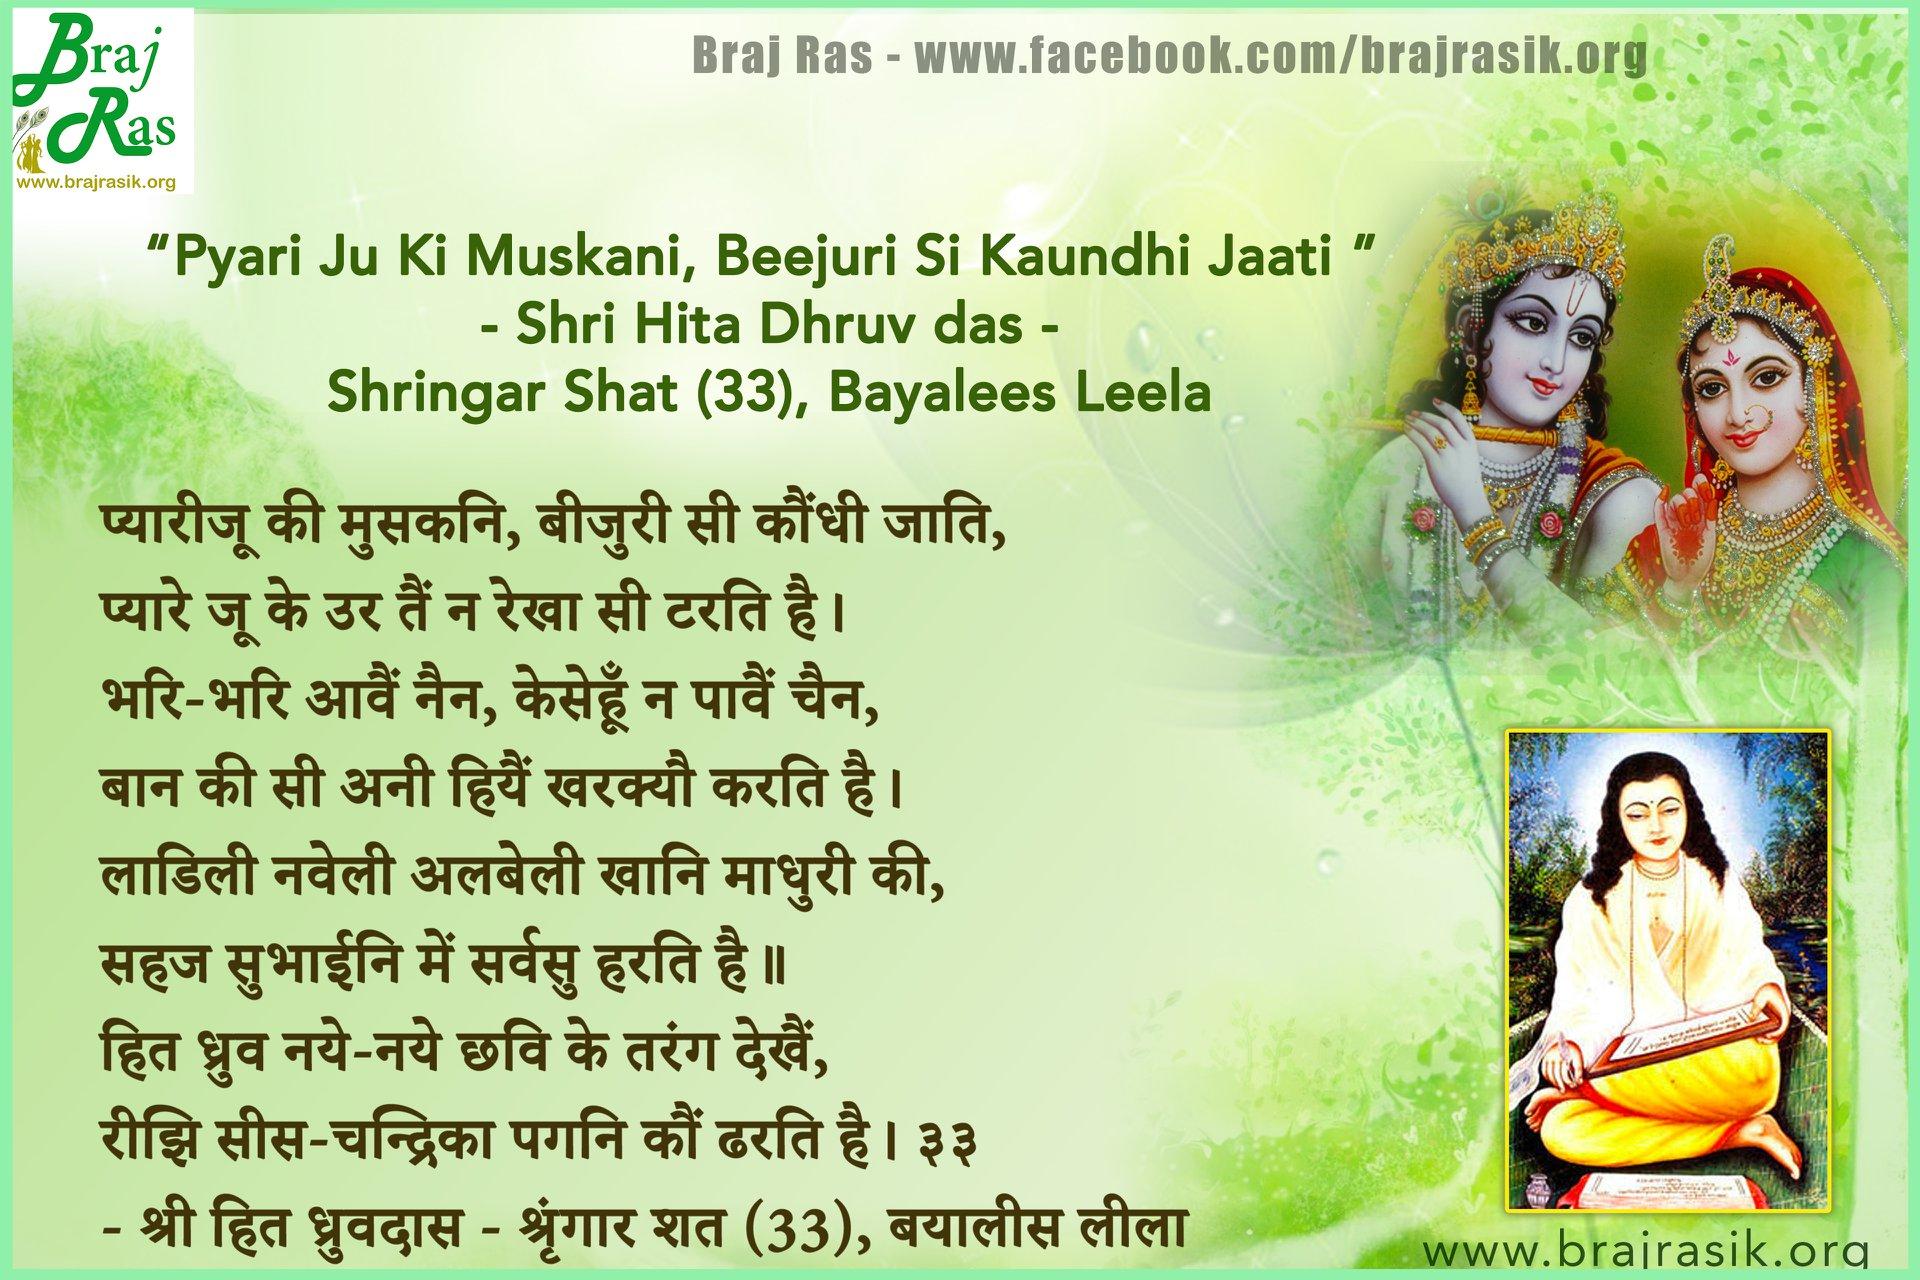 """""""Pyari Ju Ki Muskani, Beejuri Si Kaundhi Jaati """" - Shri Hita Dhruv das - Shringar Shat (33), Bayalees Leela"""